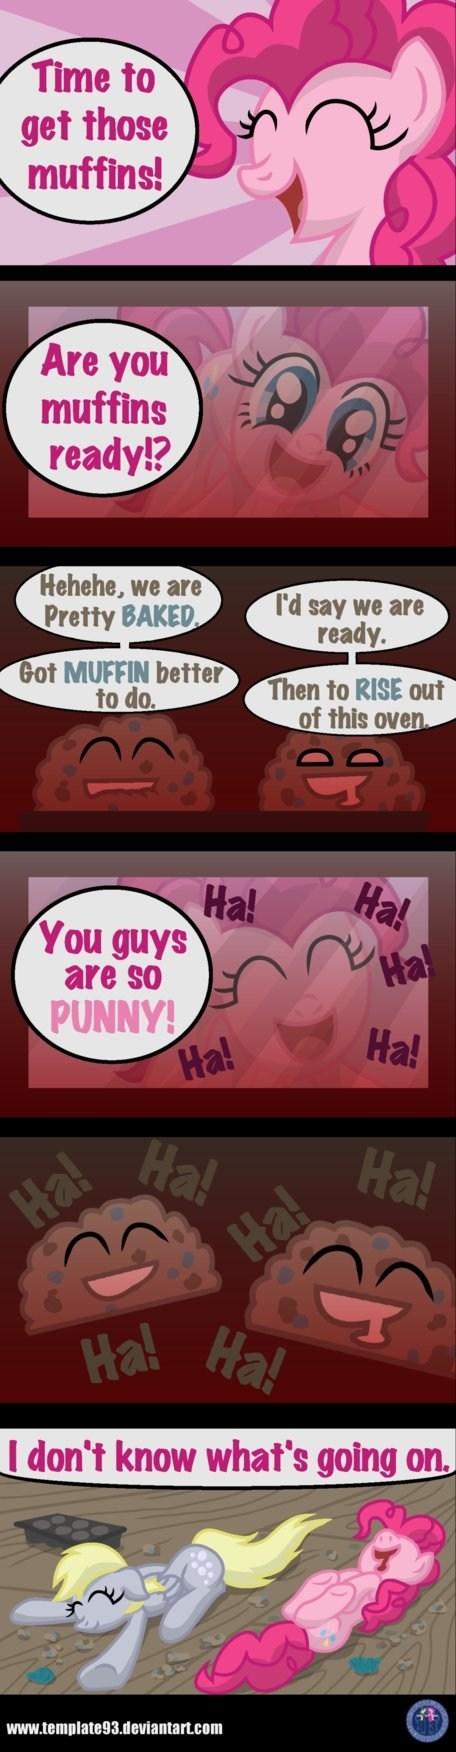 comics puns muffins - 7673612032